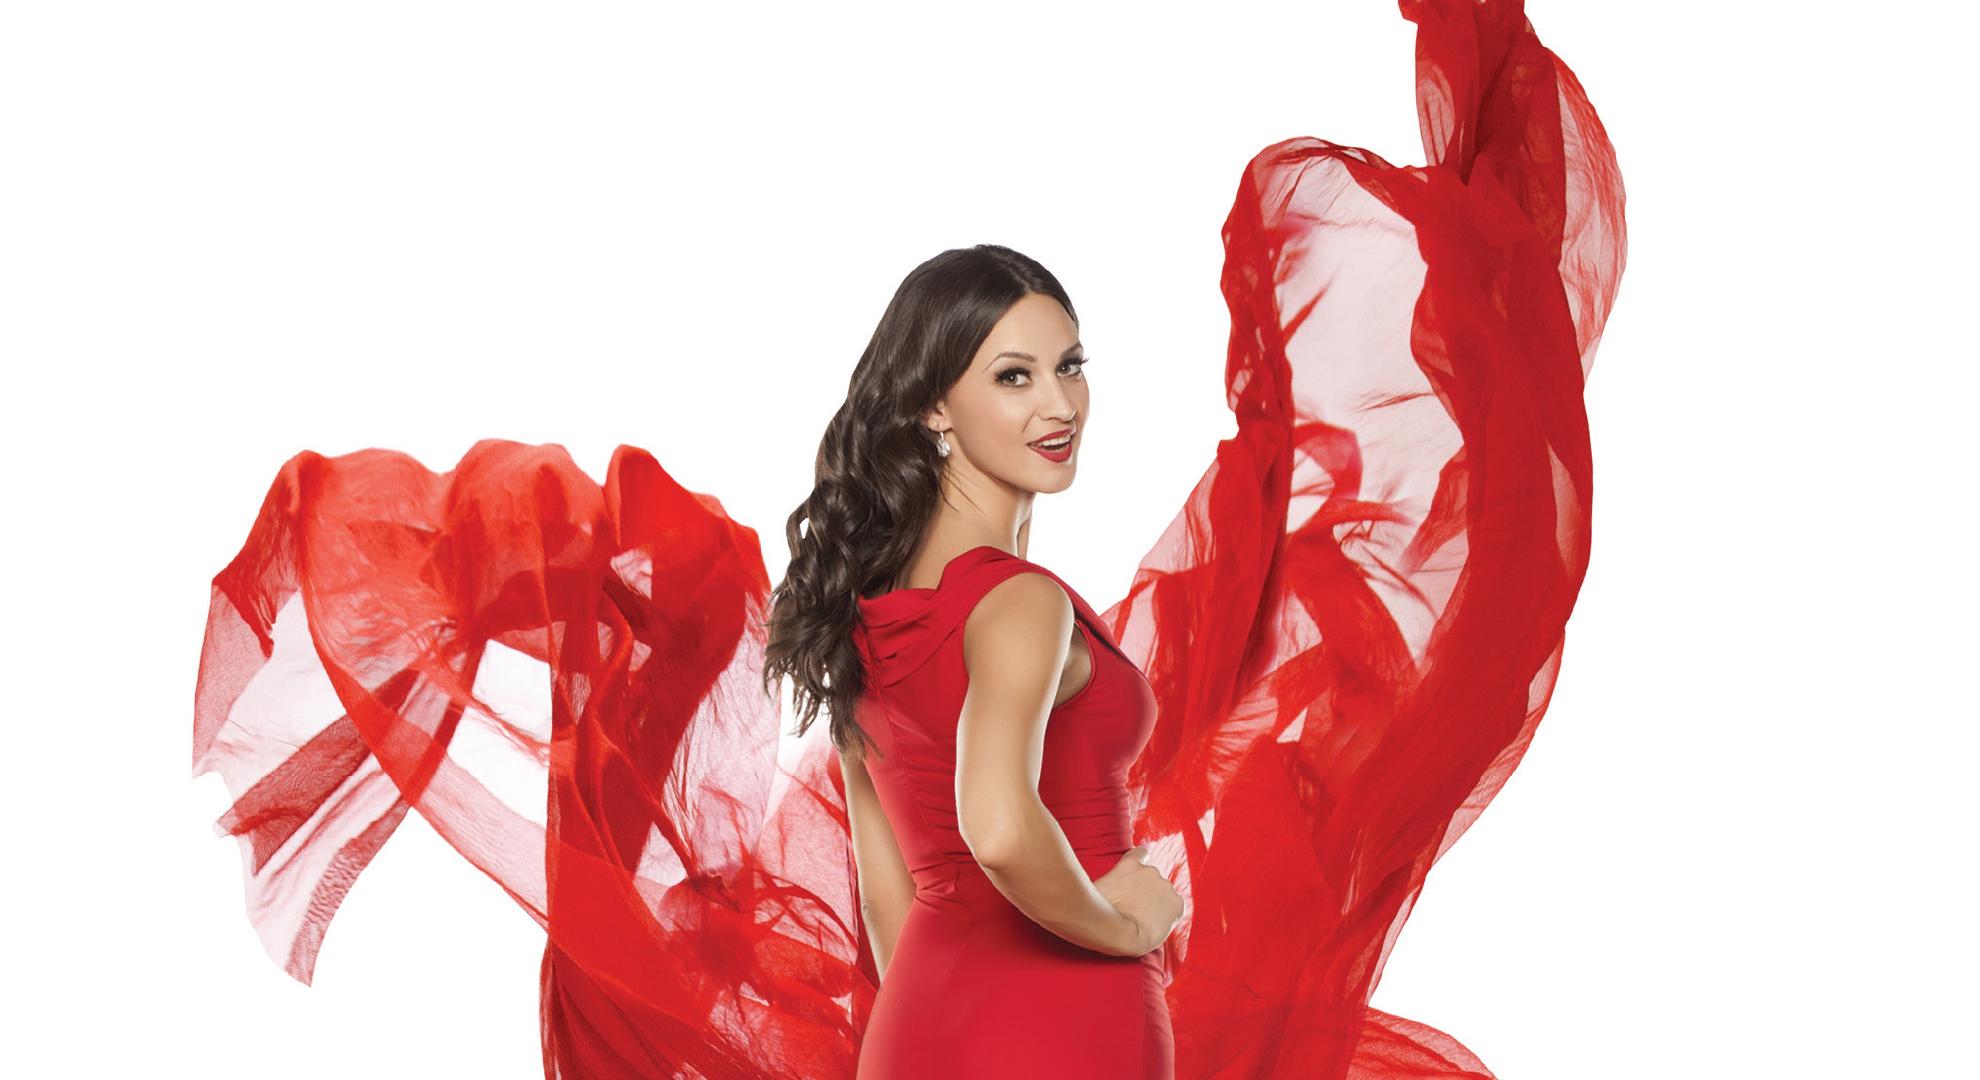 Femme portant une robe rouge